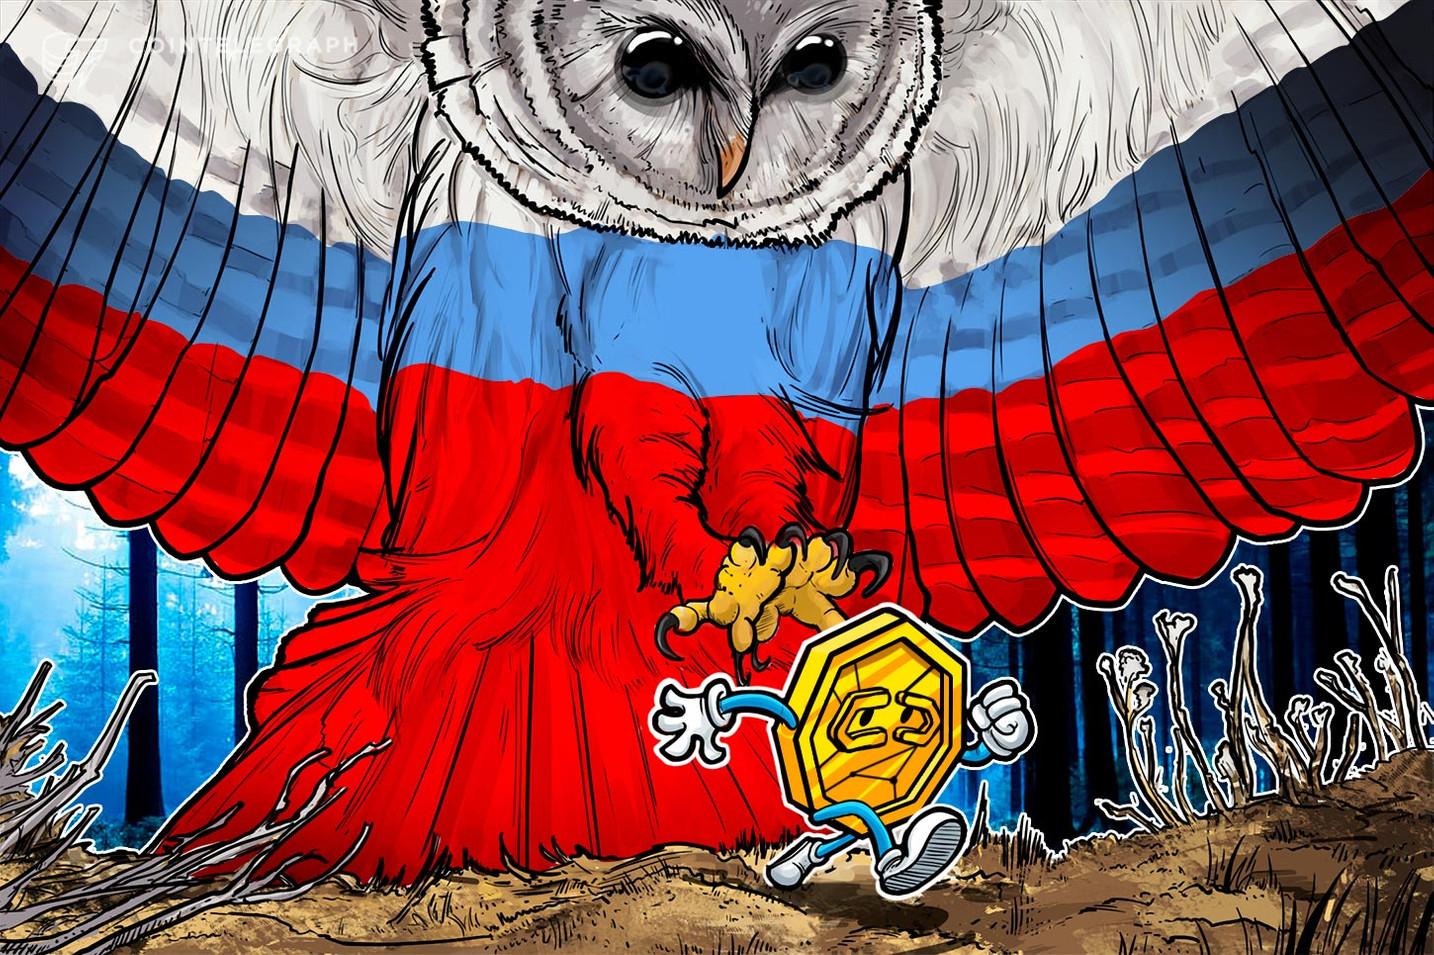 Russische Zentralbank setzt Krypto-Transaktionen unter Generalverdacht